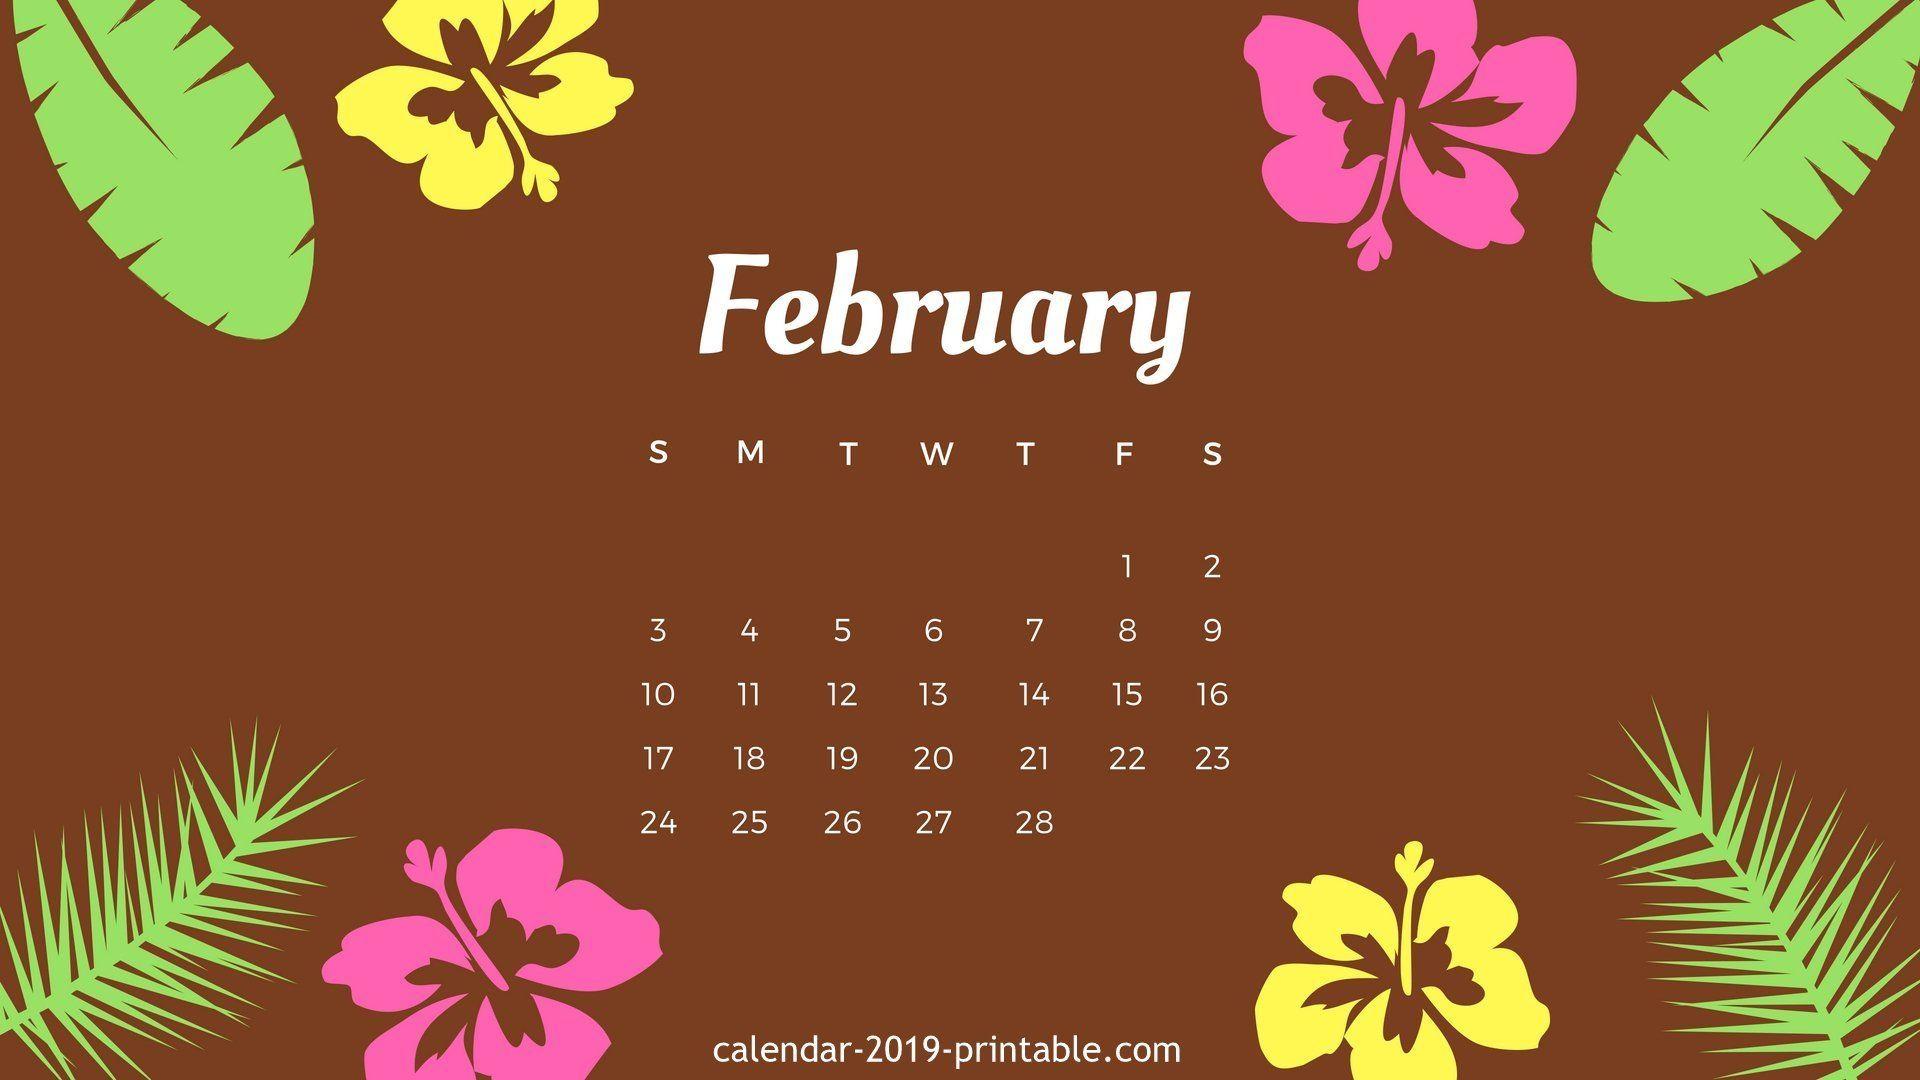 February 2019 Hd Desktop Wallpaper Calendar 2019 Wallpapers February 2019 Desktop Calendar Calendar Wallpaper Desktop Wallpaper Calendar Desktop Calendar